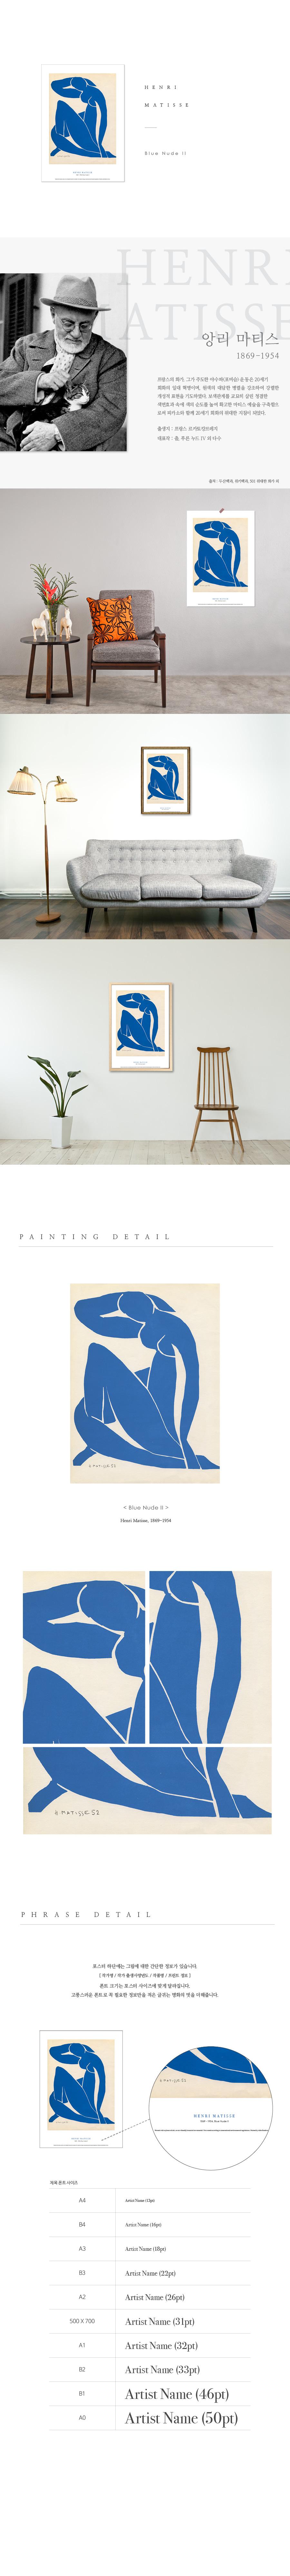 명화포스터 - Blue Nude II - 앙리 마티스 00414,000원-에이블밤부인테리어, 액자/홈갤러리, 홈갤러리, 명화/민화아트바보사랑명화포스터 - Blue Nude II - 앙리 마티스 00414,000원-에이블밤부인테리어, 액자/홈갤러리, 홈갤러리, 명화/민화아트바보사랑